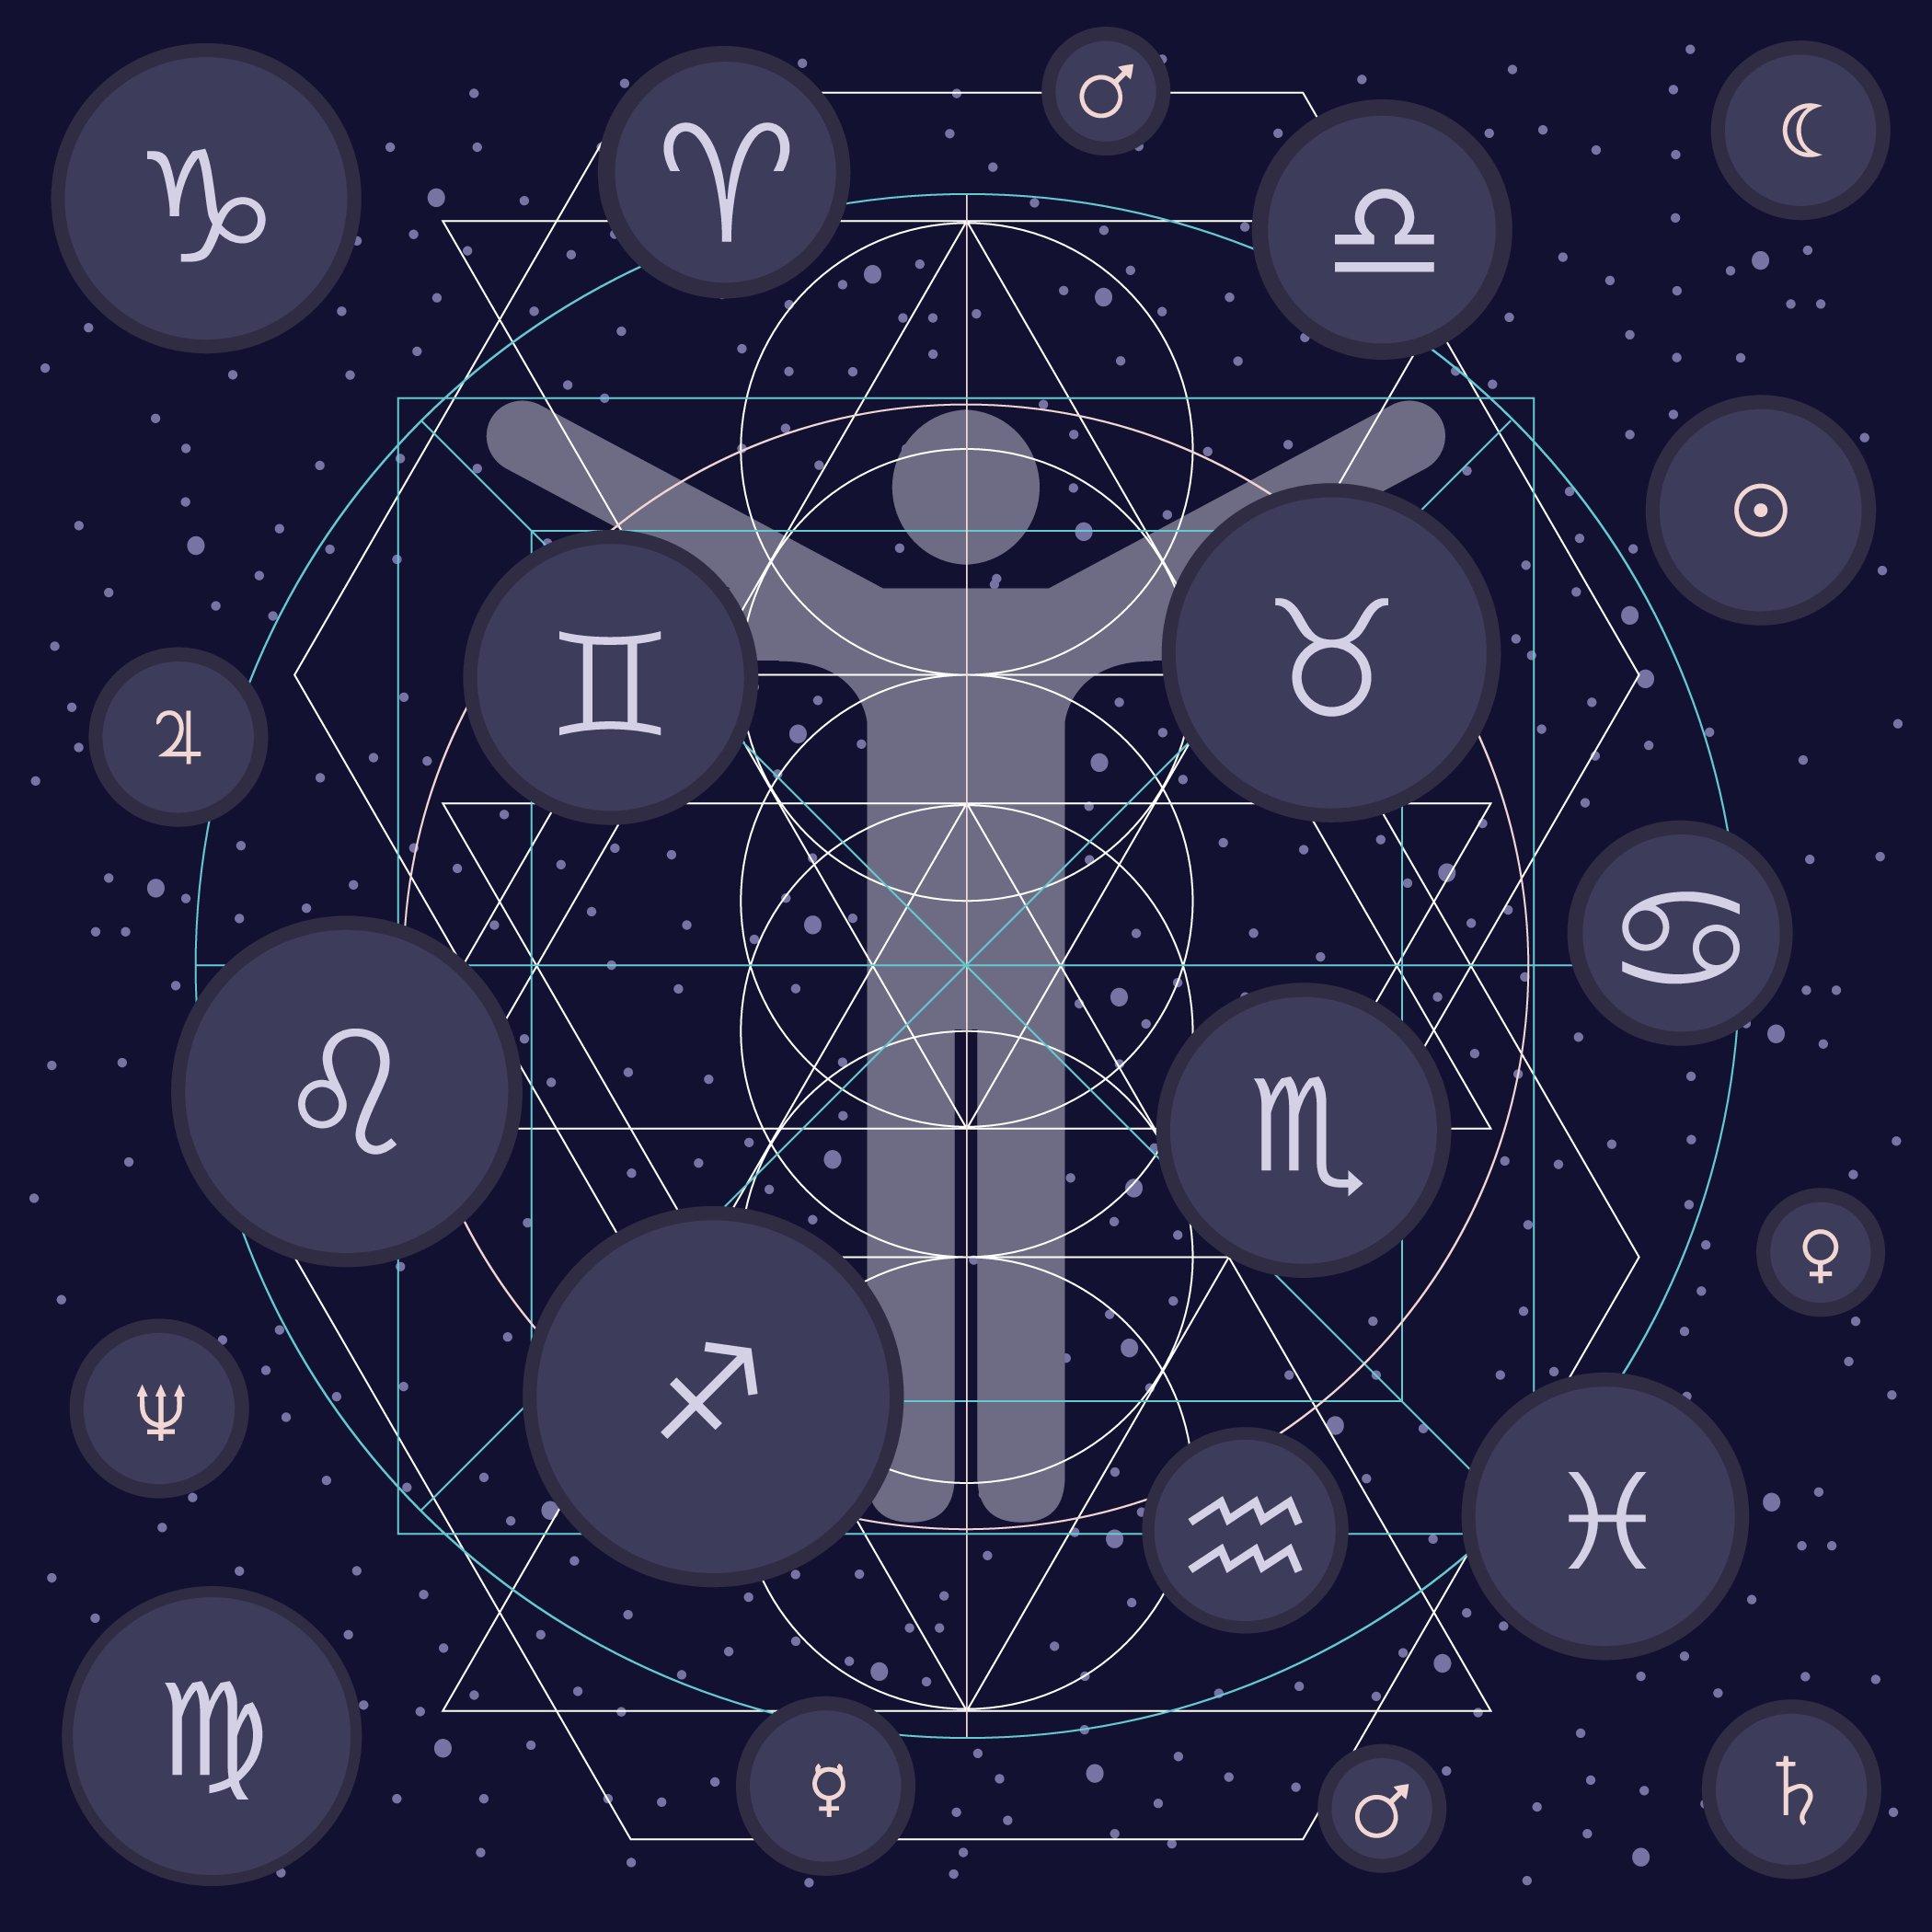 Salud entre los signos del zodíaco || Fuente: Shutterstock